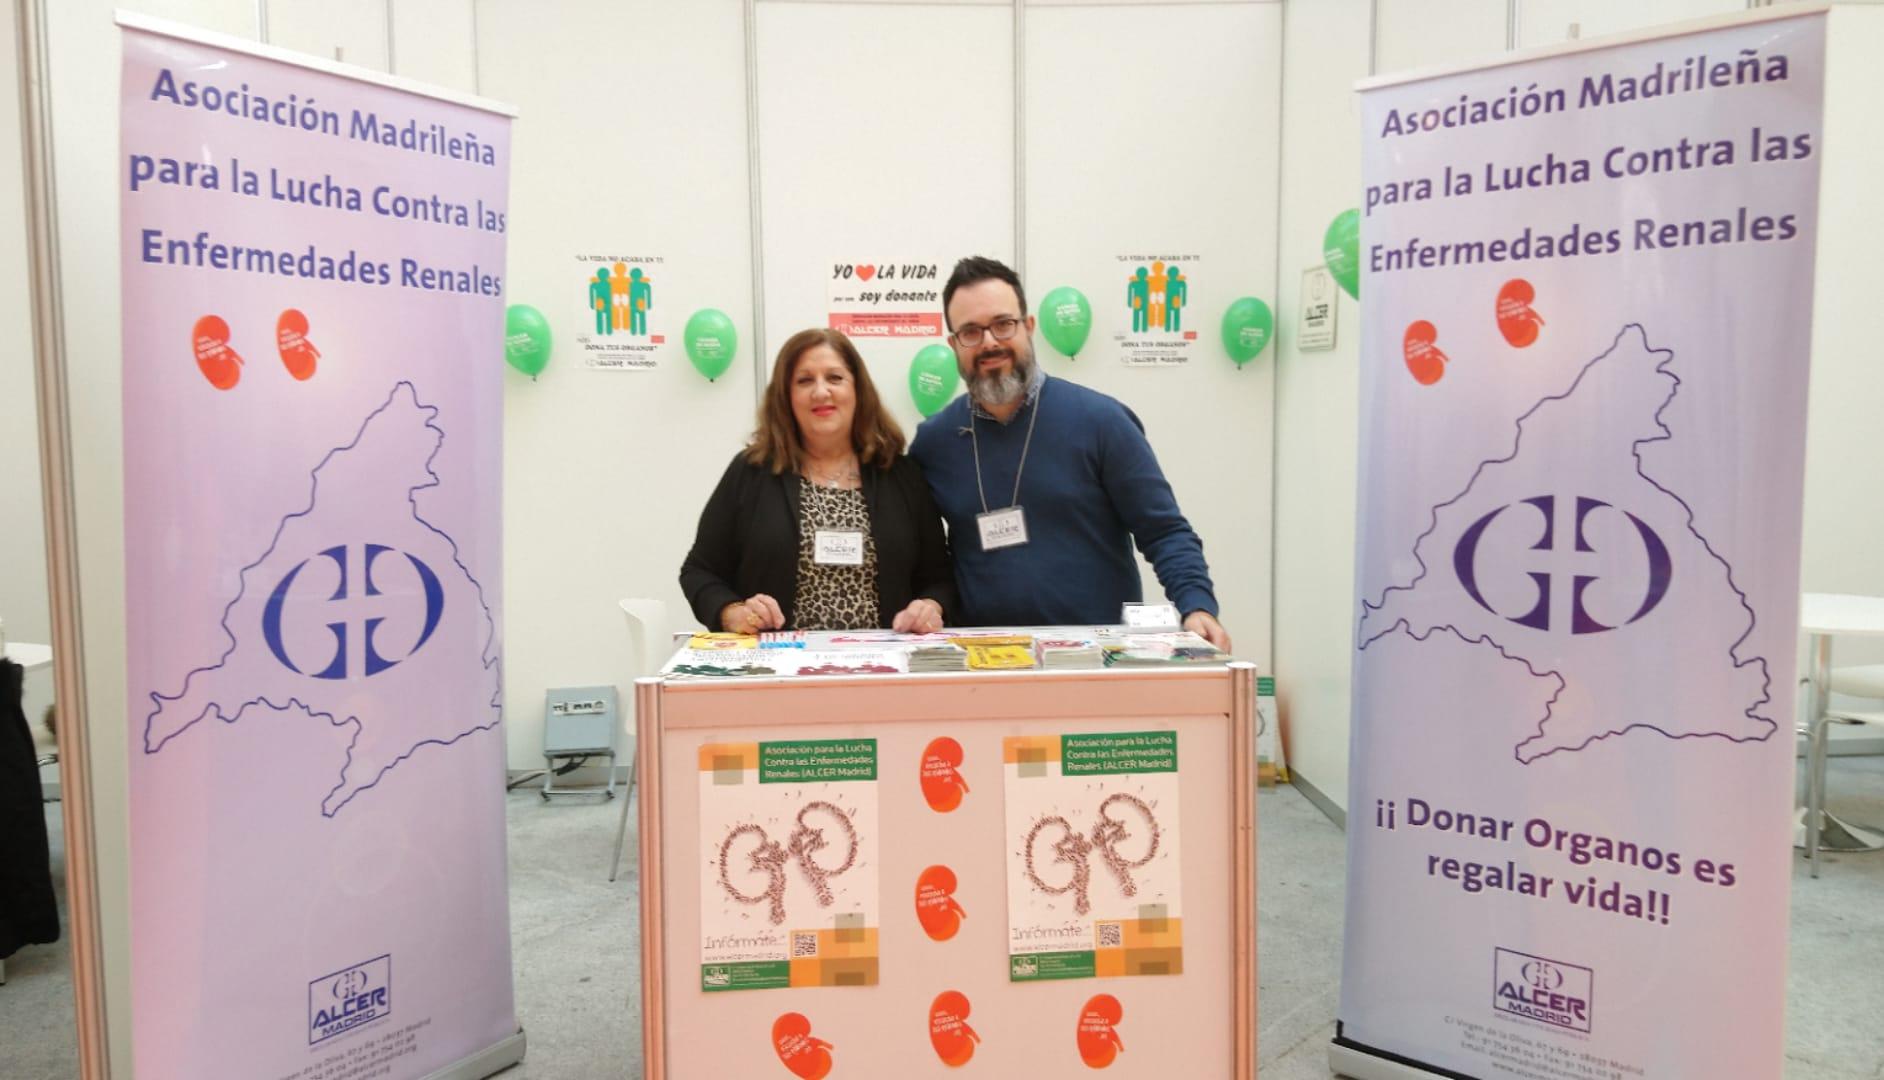 ALCER Madrid participa en la Feria del Asociacionismo